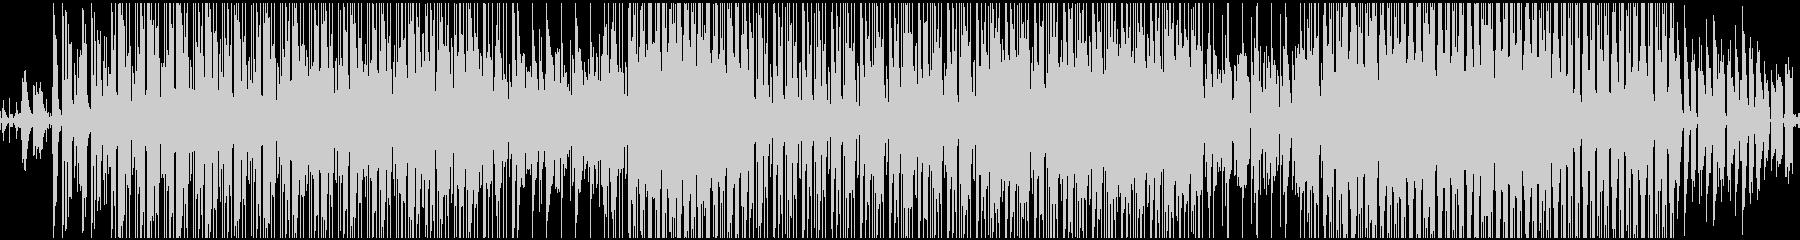 KAMAKURAの未再生の波形